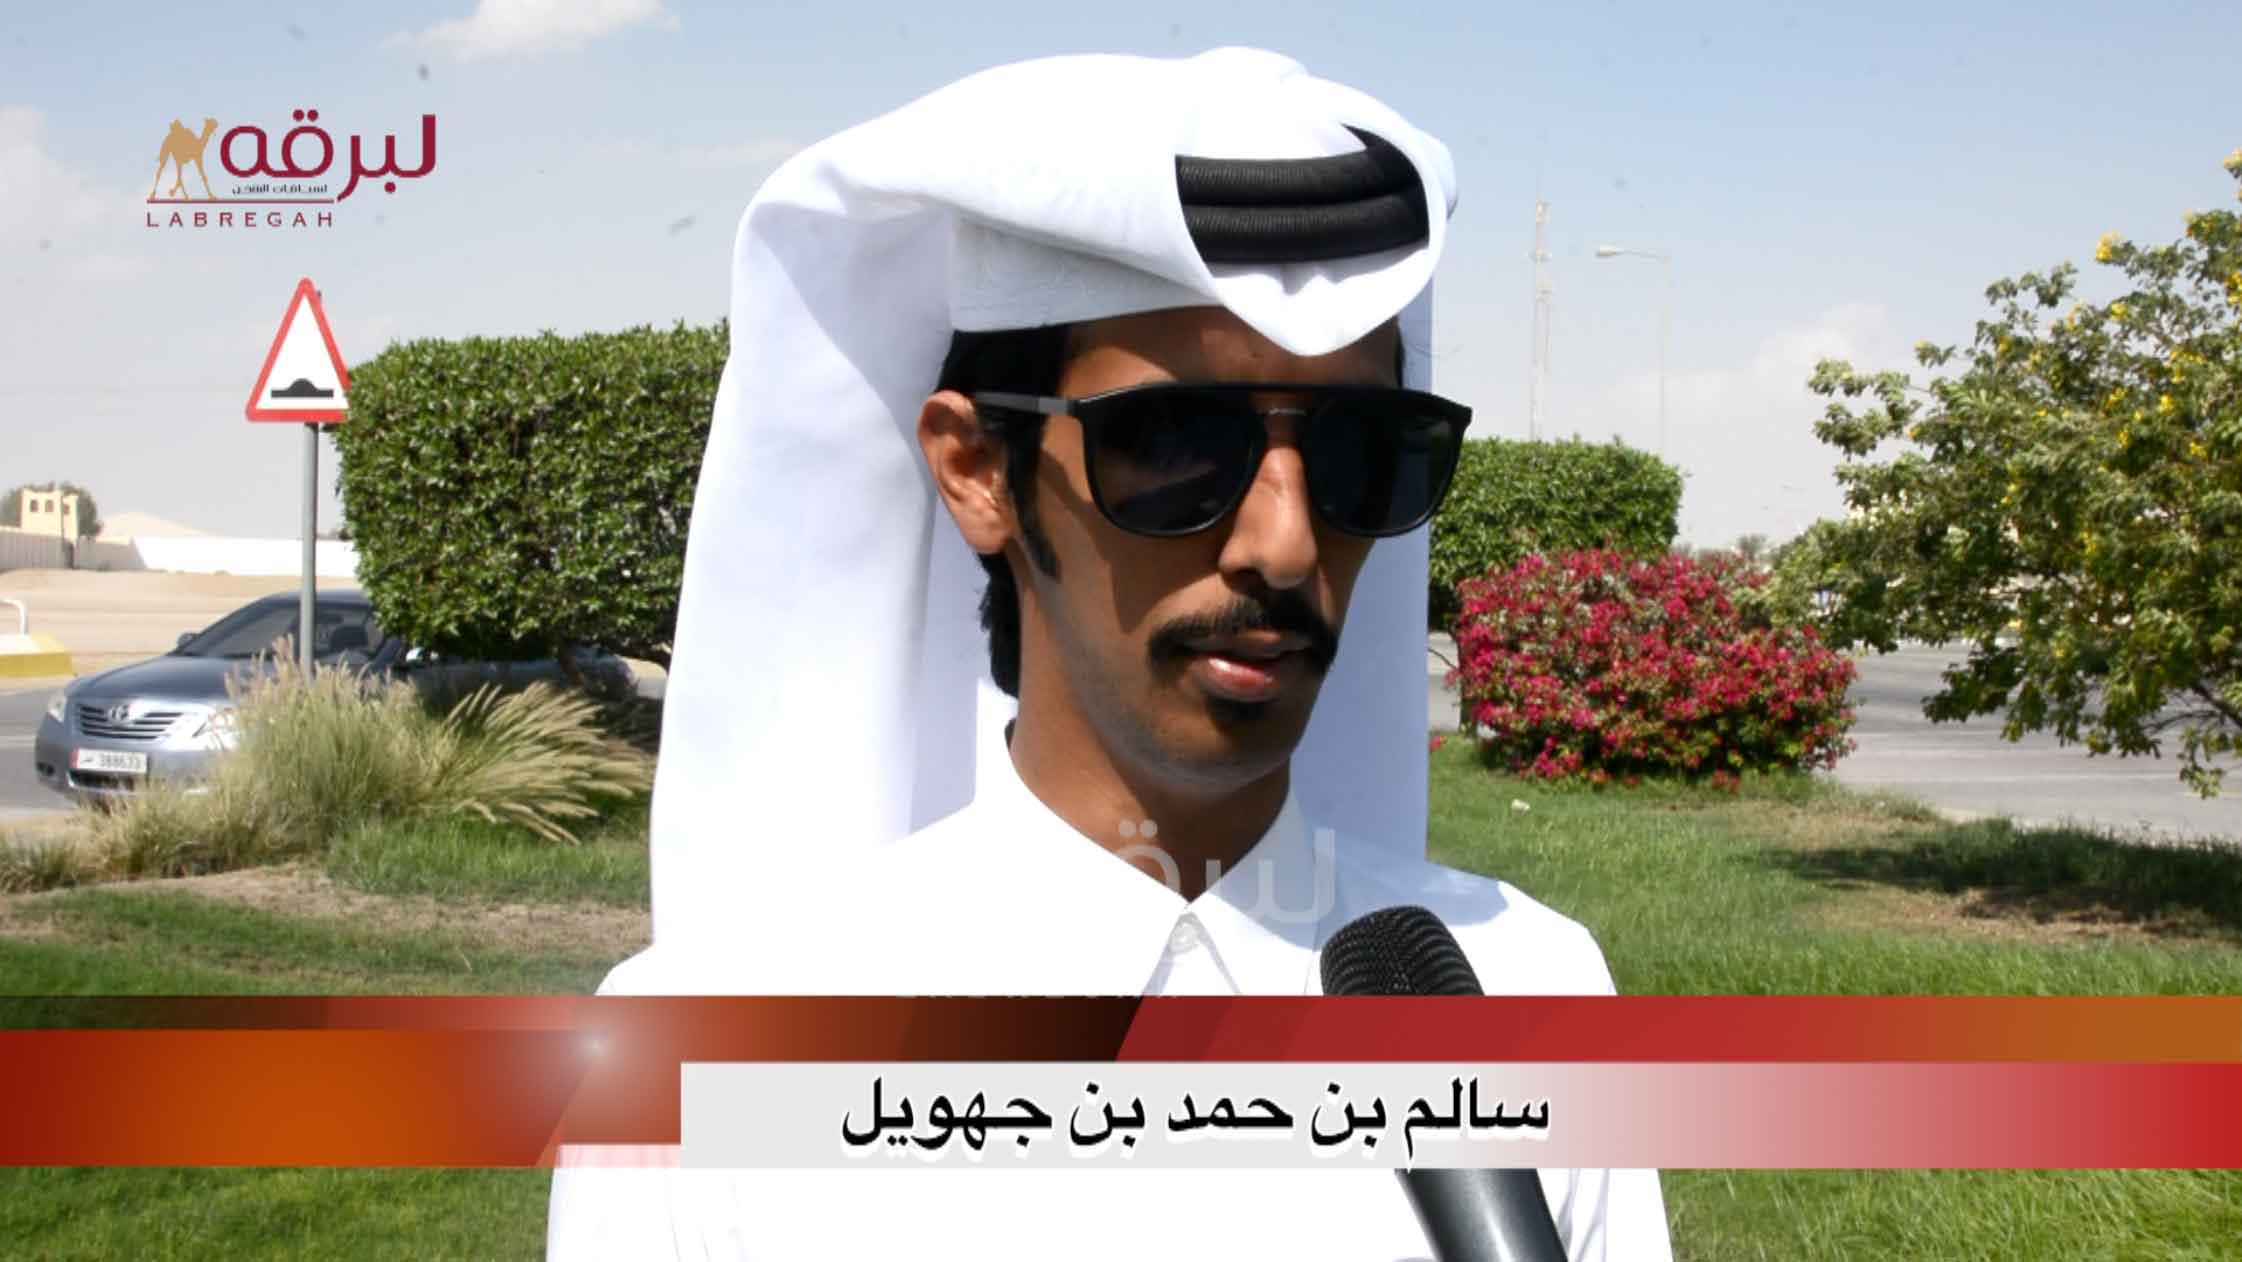 لقاء مع سالم بن حمد بن جهويل.. الشوط الرئيسي للجذاع قعدان إنتاج الأشواط العامة  ٧-١١-٢٠٢٠